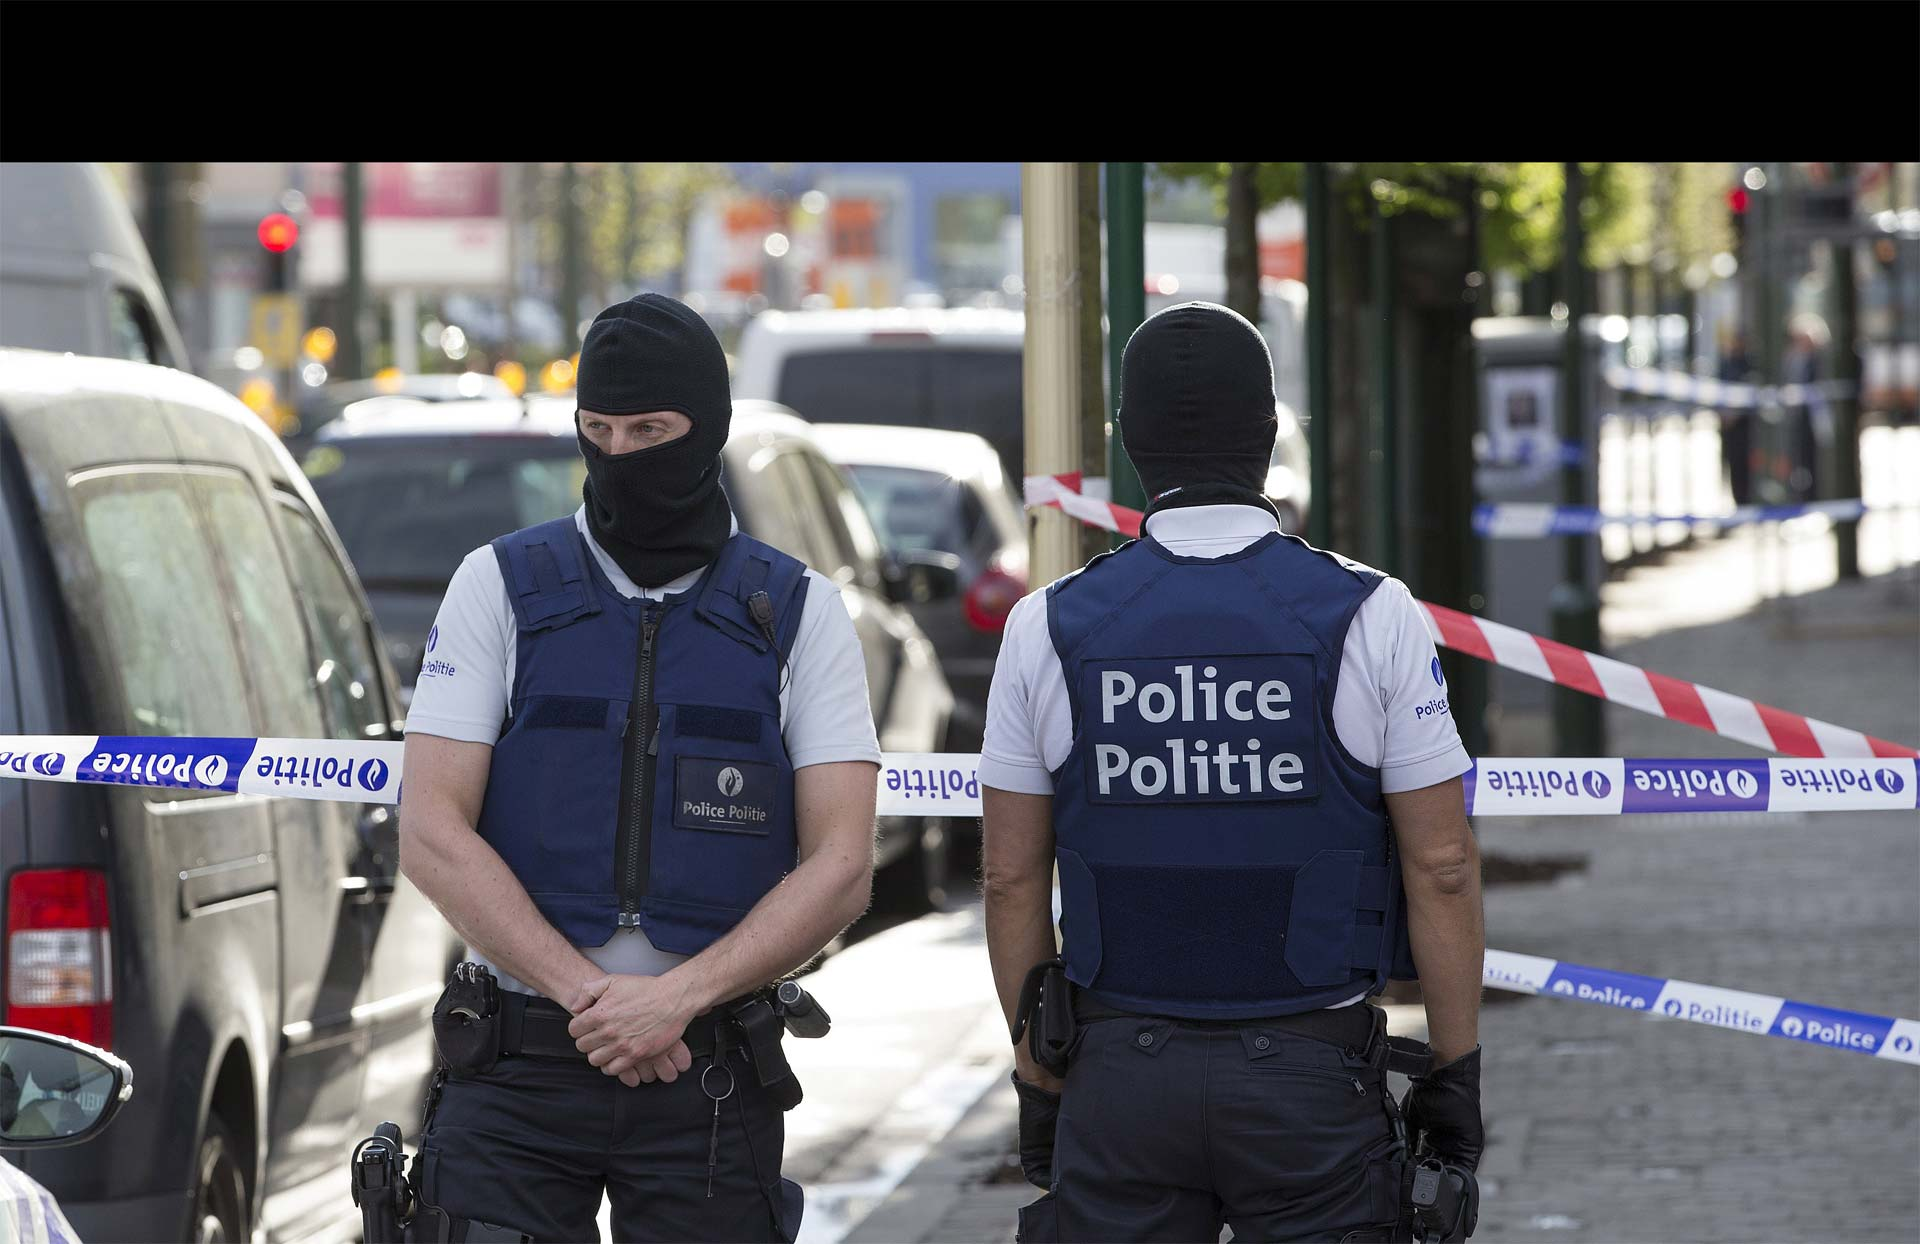 Smail F. e Ibrahim F. están acusados de colaborar en los actos terroristas que tuvieron lugar en Bruselas